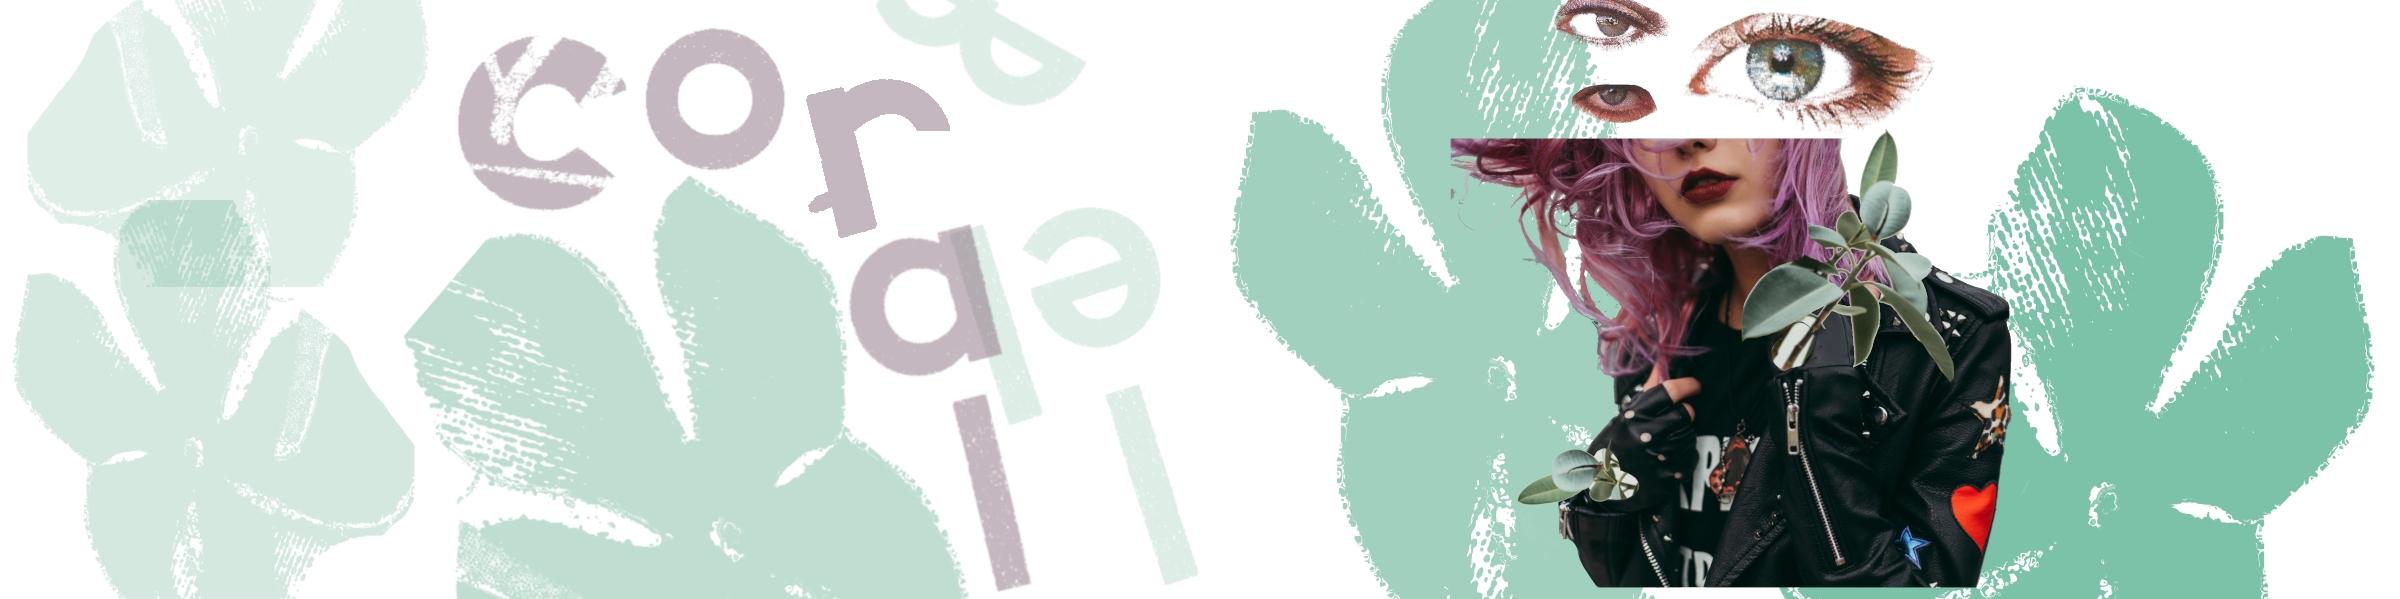 Anna Graziosi (@coralbelcollage) Cover Image